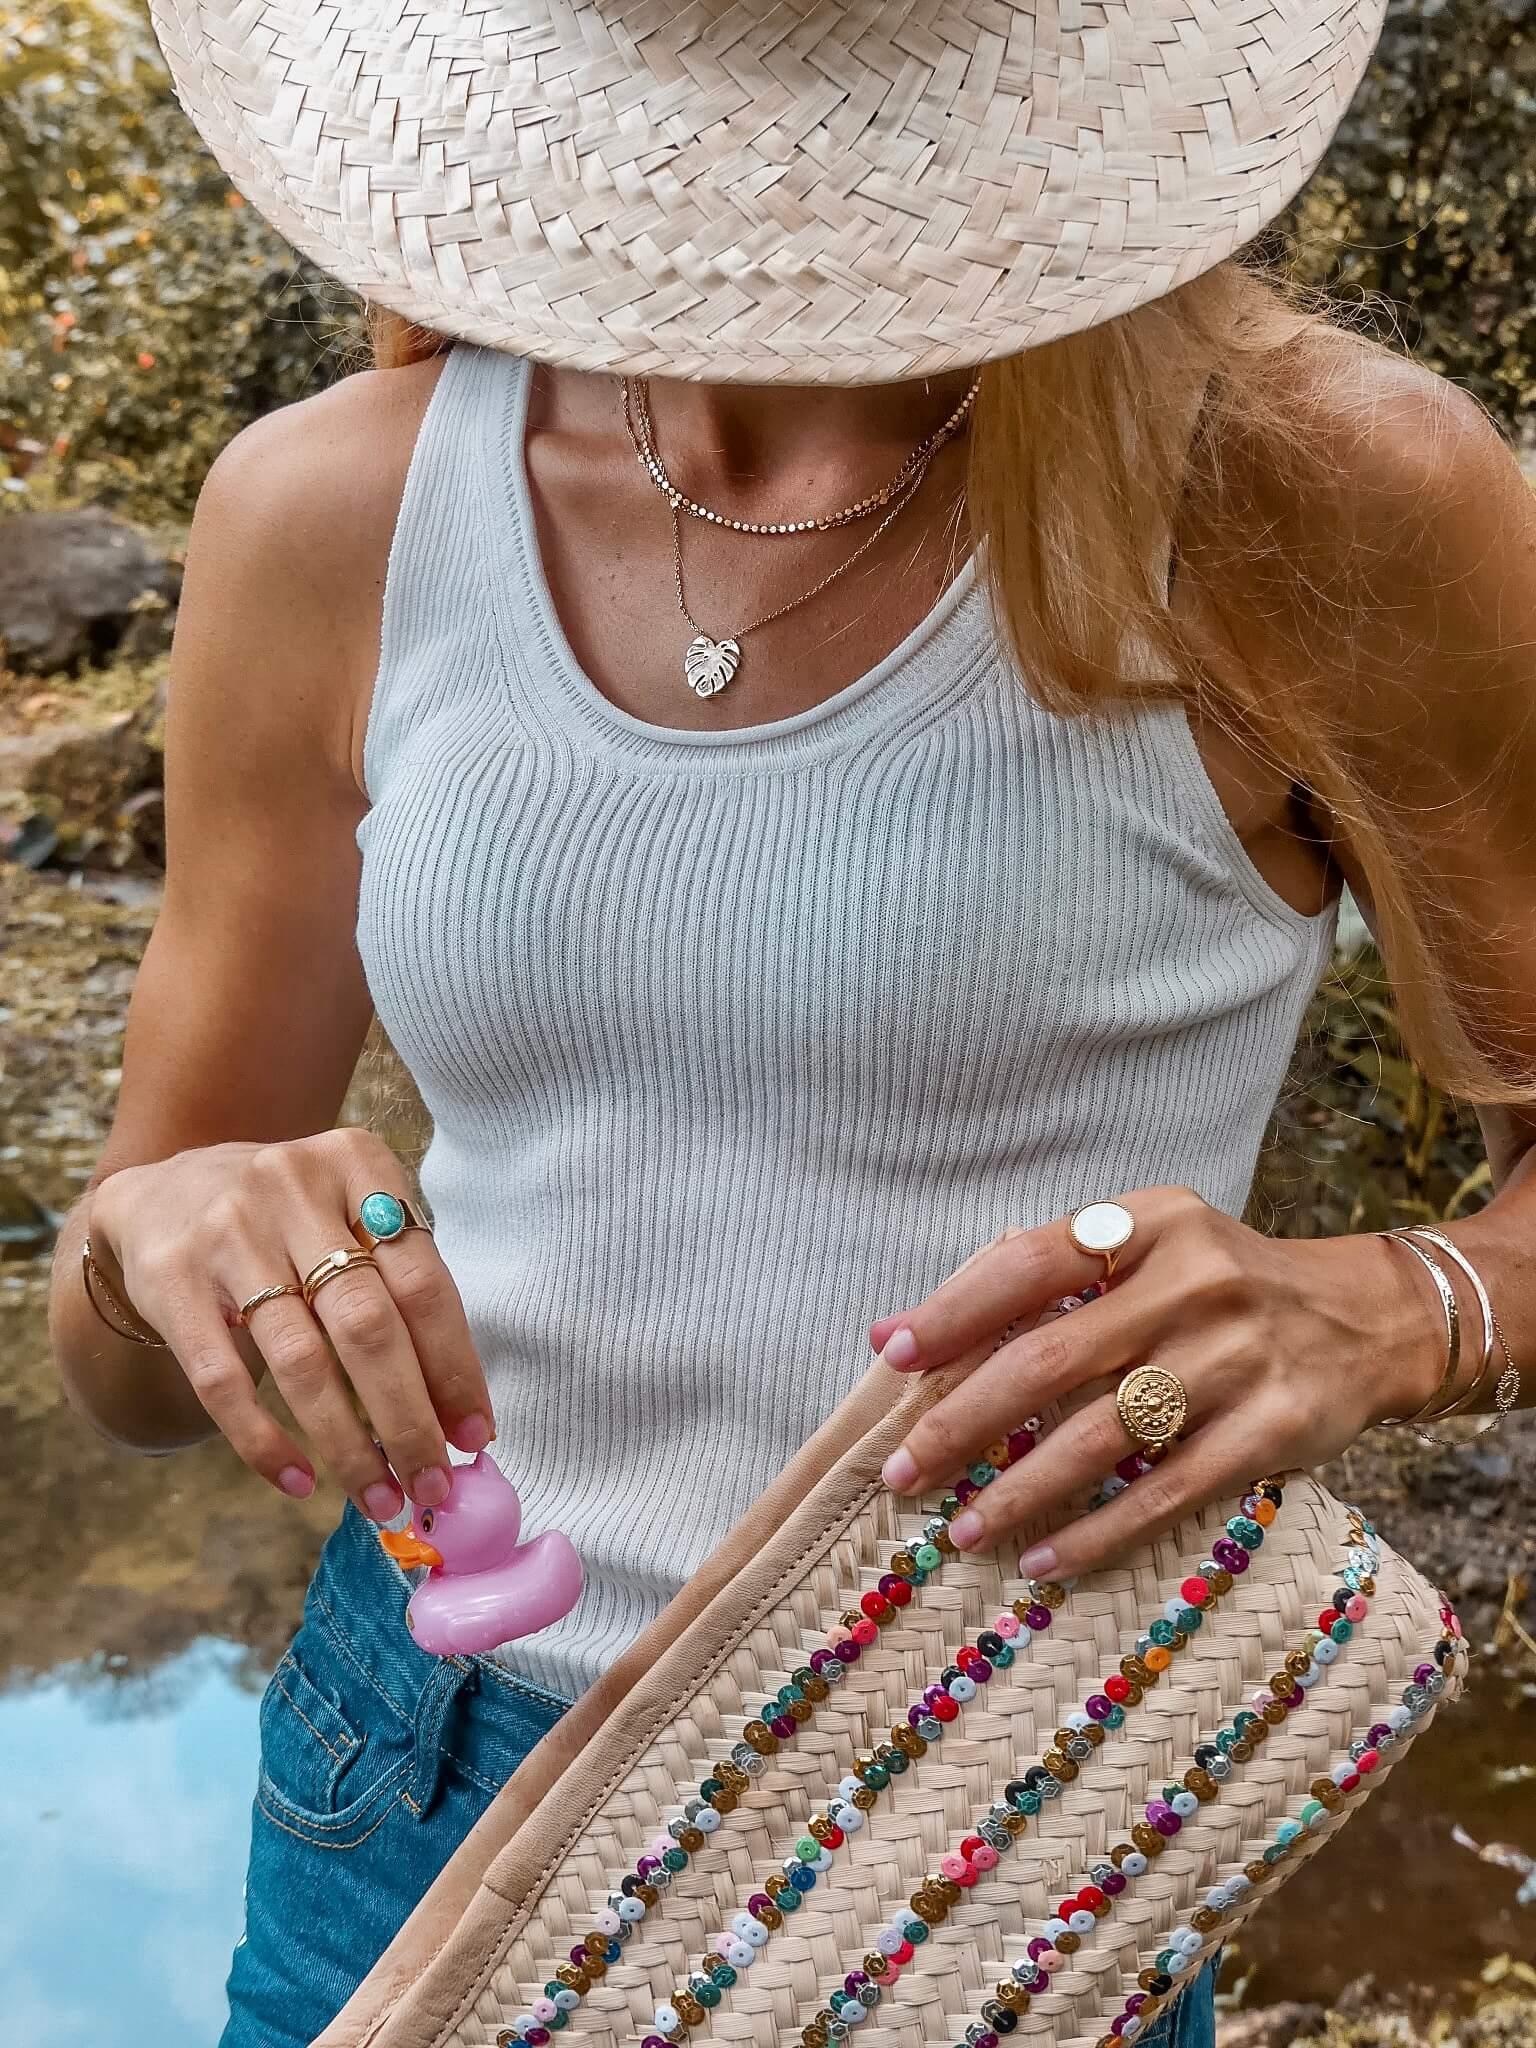 bijoux tendance - bijoux femme plaqué or Martinique - Cénélia